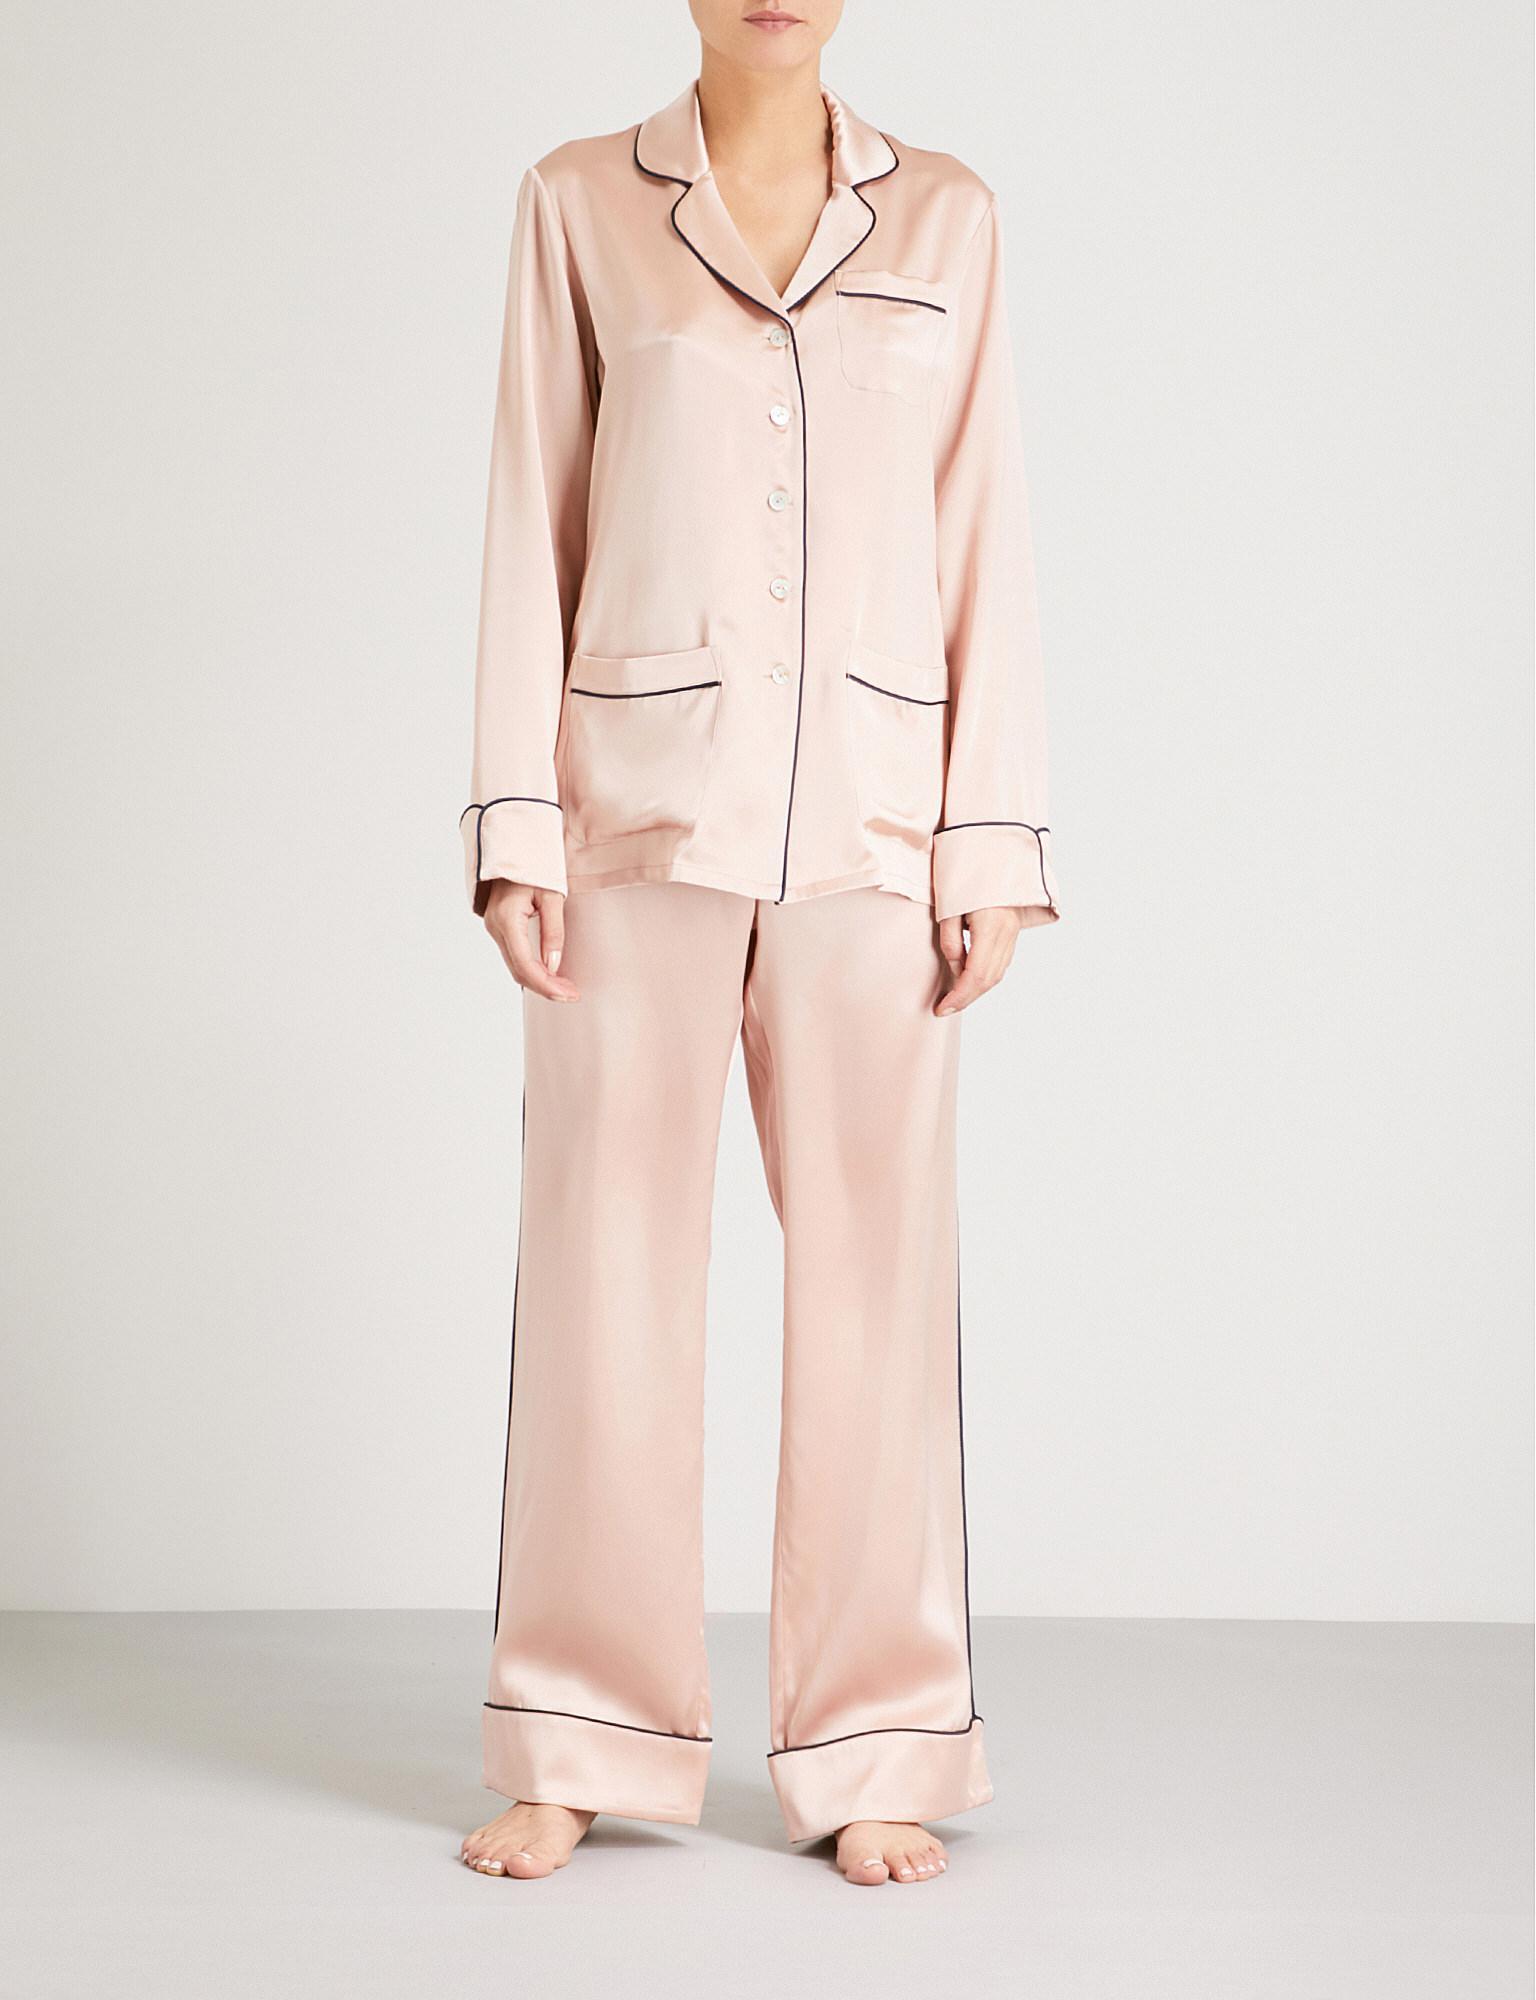 Lyst - Olivia Von Halle Coco Oyster Silk-satin Pyjama Set in Pink 352cfd63c